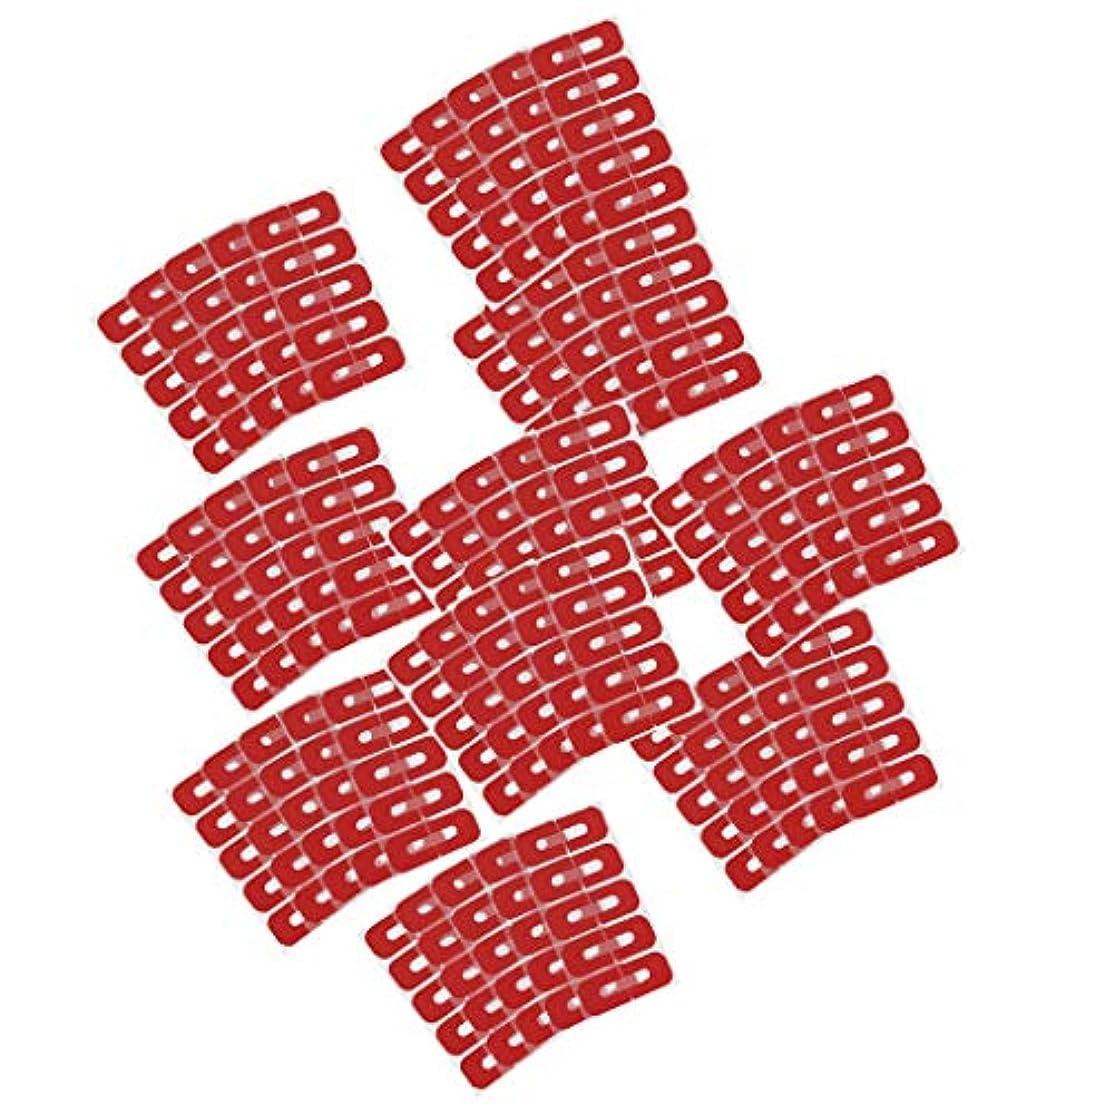 ディベートウォルターカニンガムカフェテリア50個剥離テープネイルアート流出防止スキンバリアポリッシュプロテクターカバー